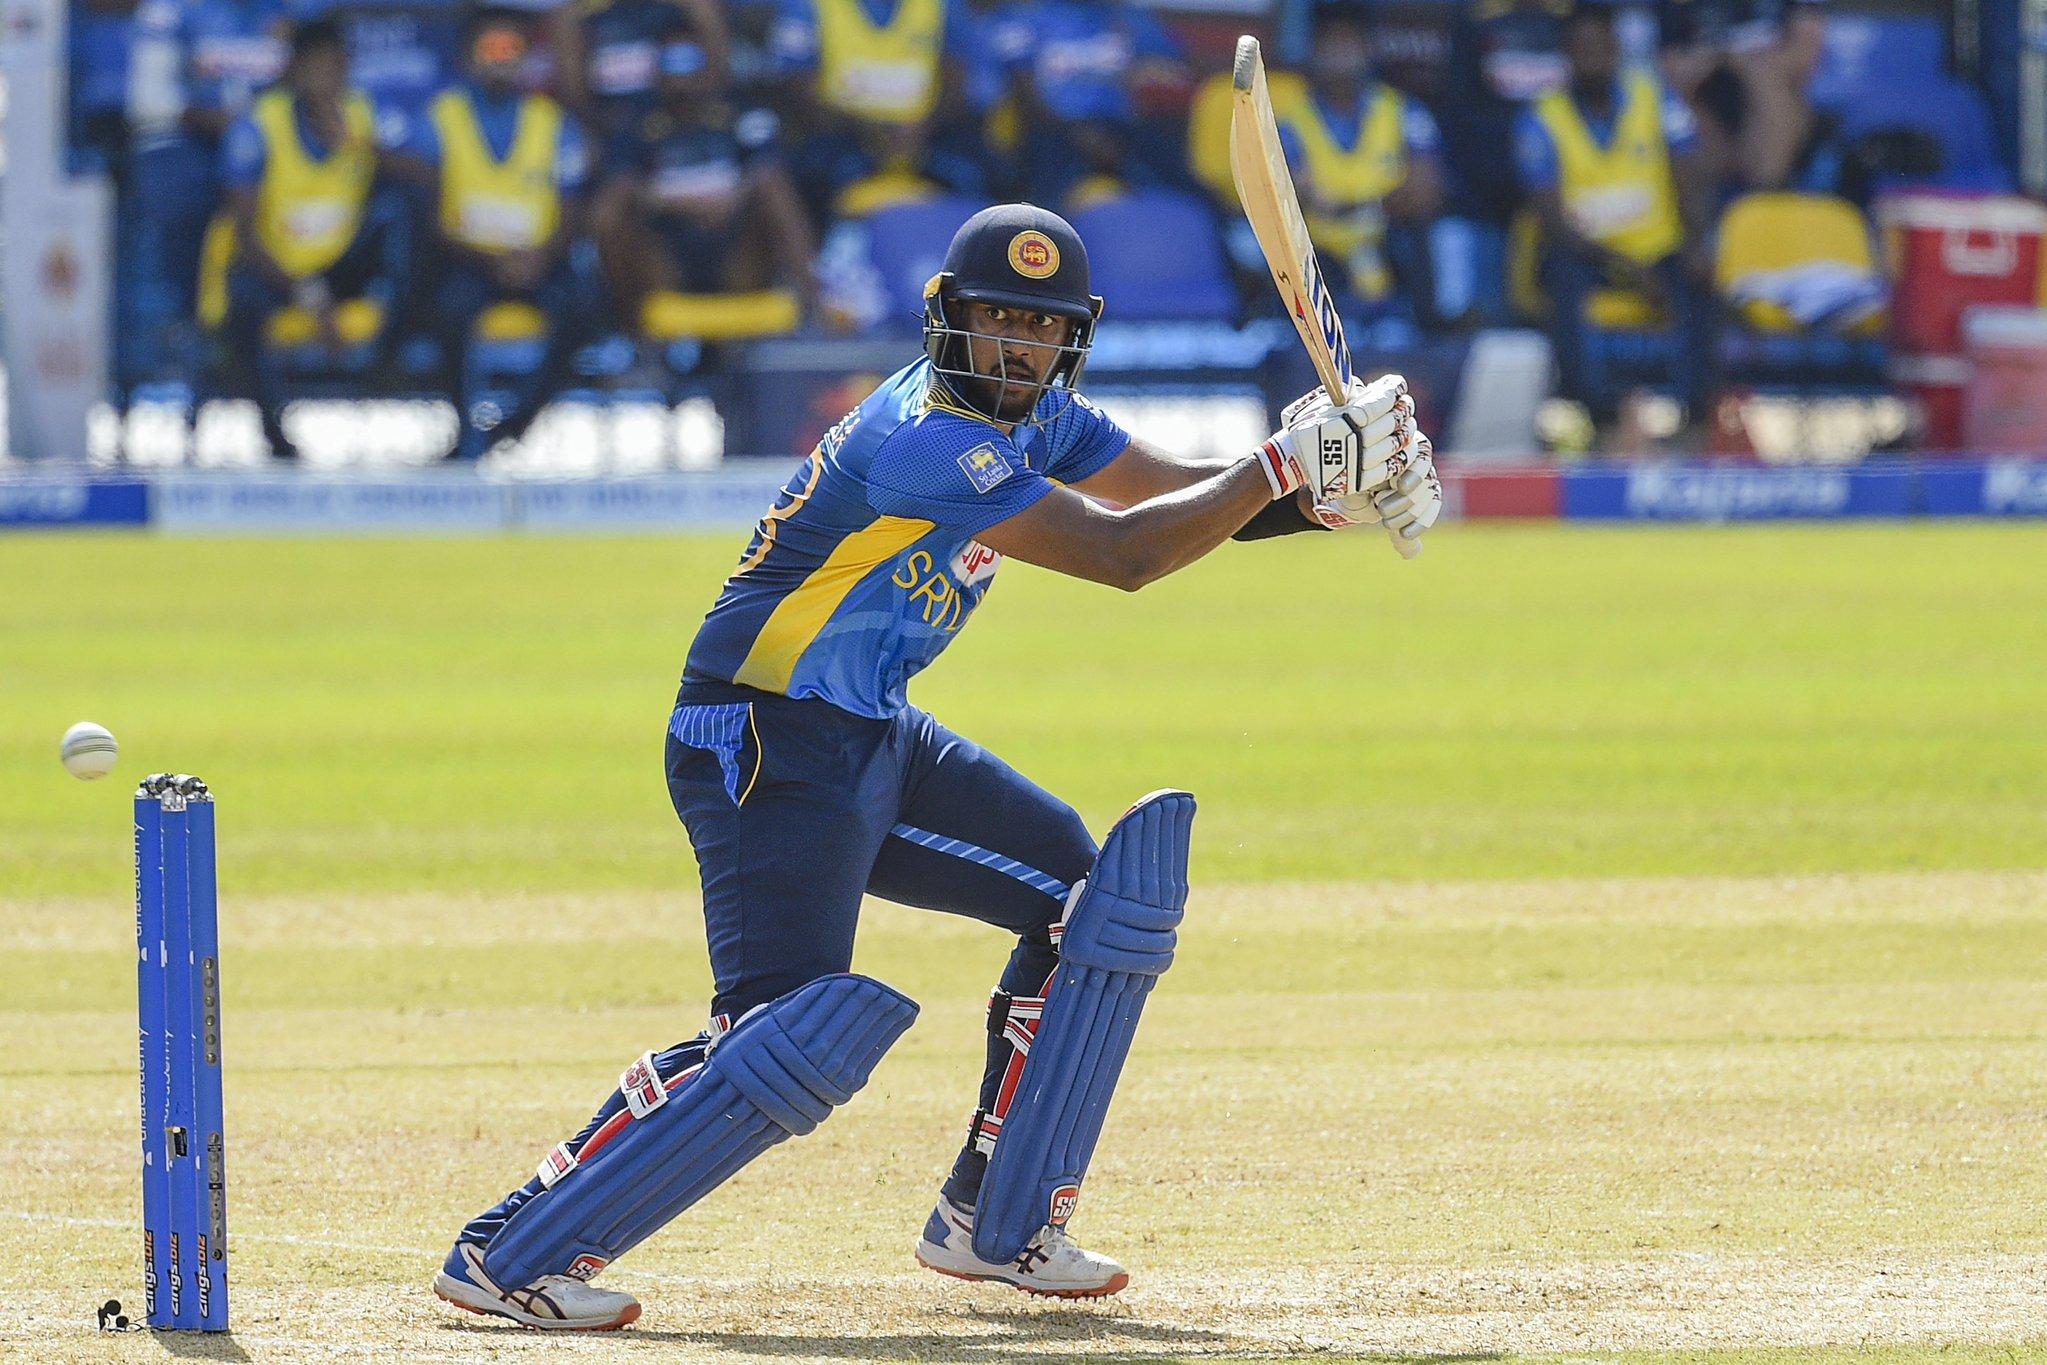 अविष्का ने वन-डे करियर की चौथी फिफ्टी लगाई। उन्होंने 71 बॉल पर 50 रन की पारी खेली। भुवनेश्वर ने अविष्का को आउट किया।